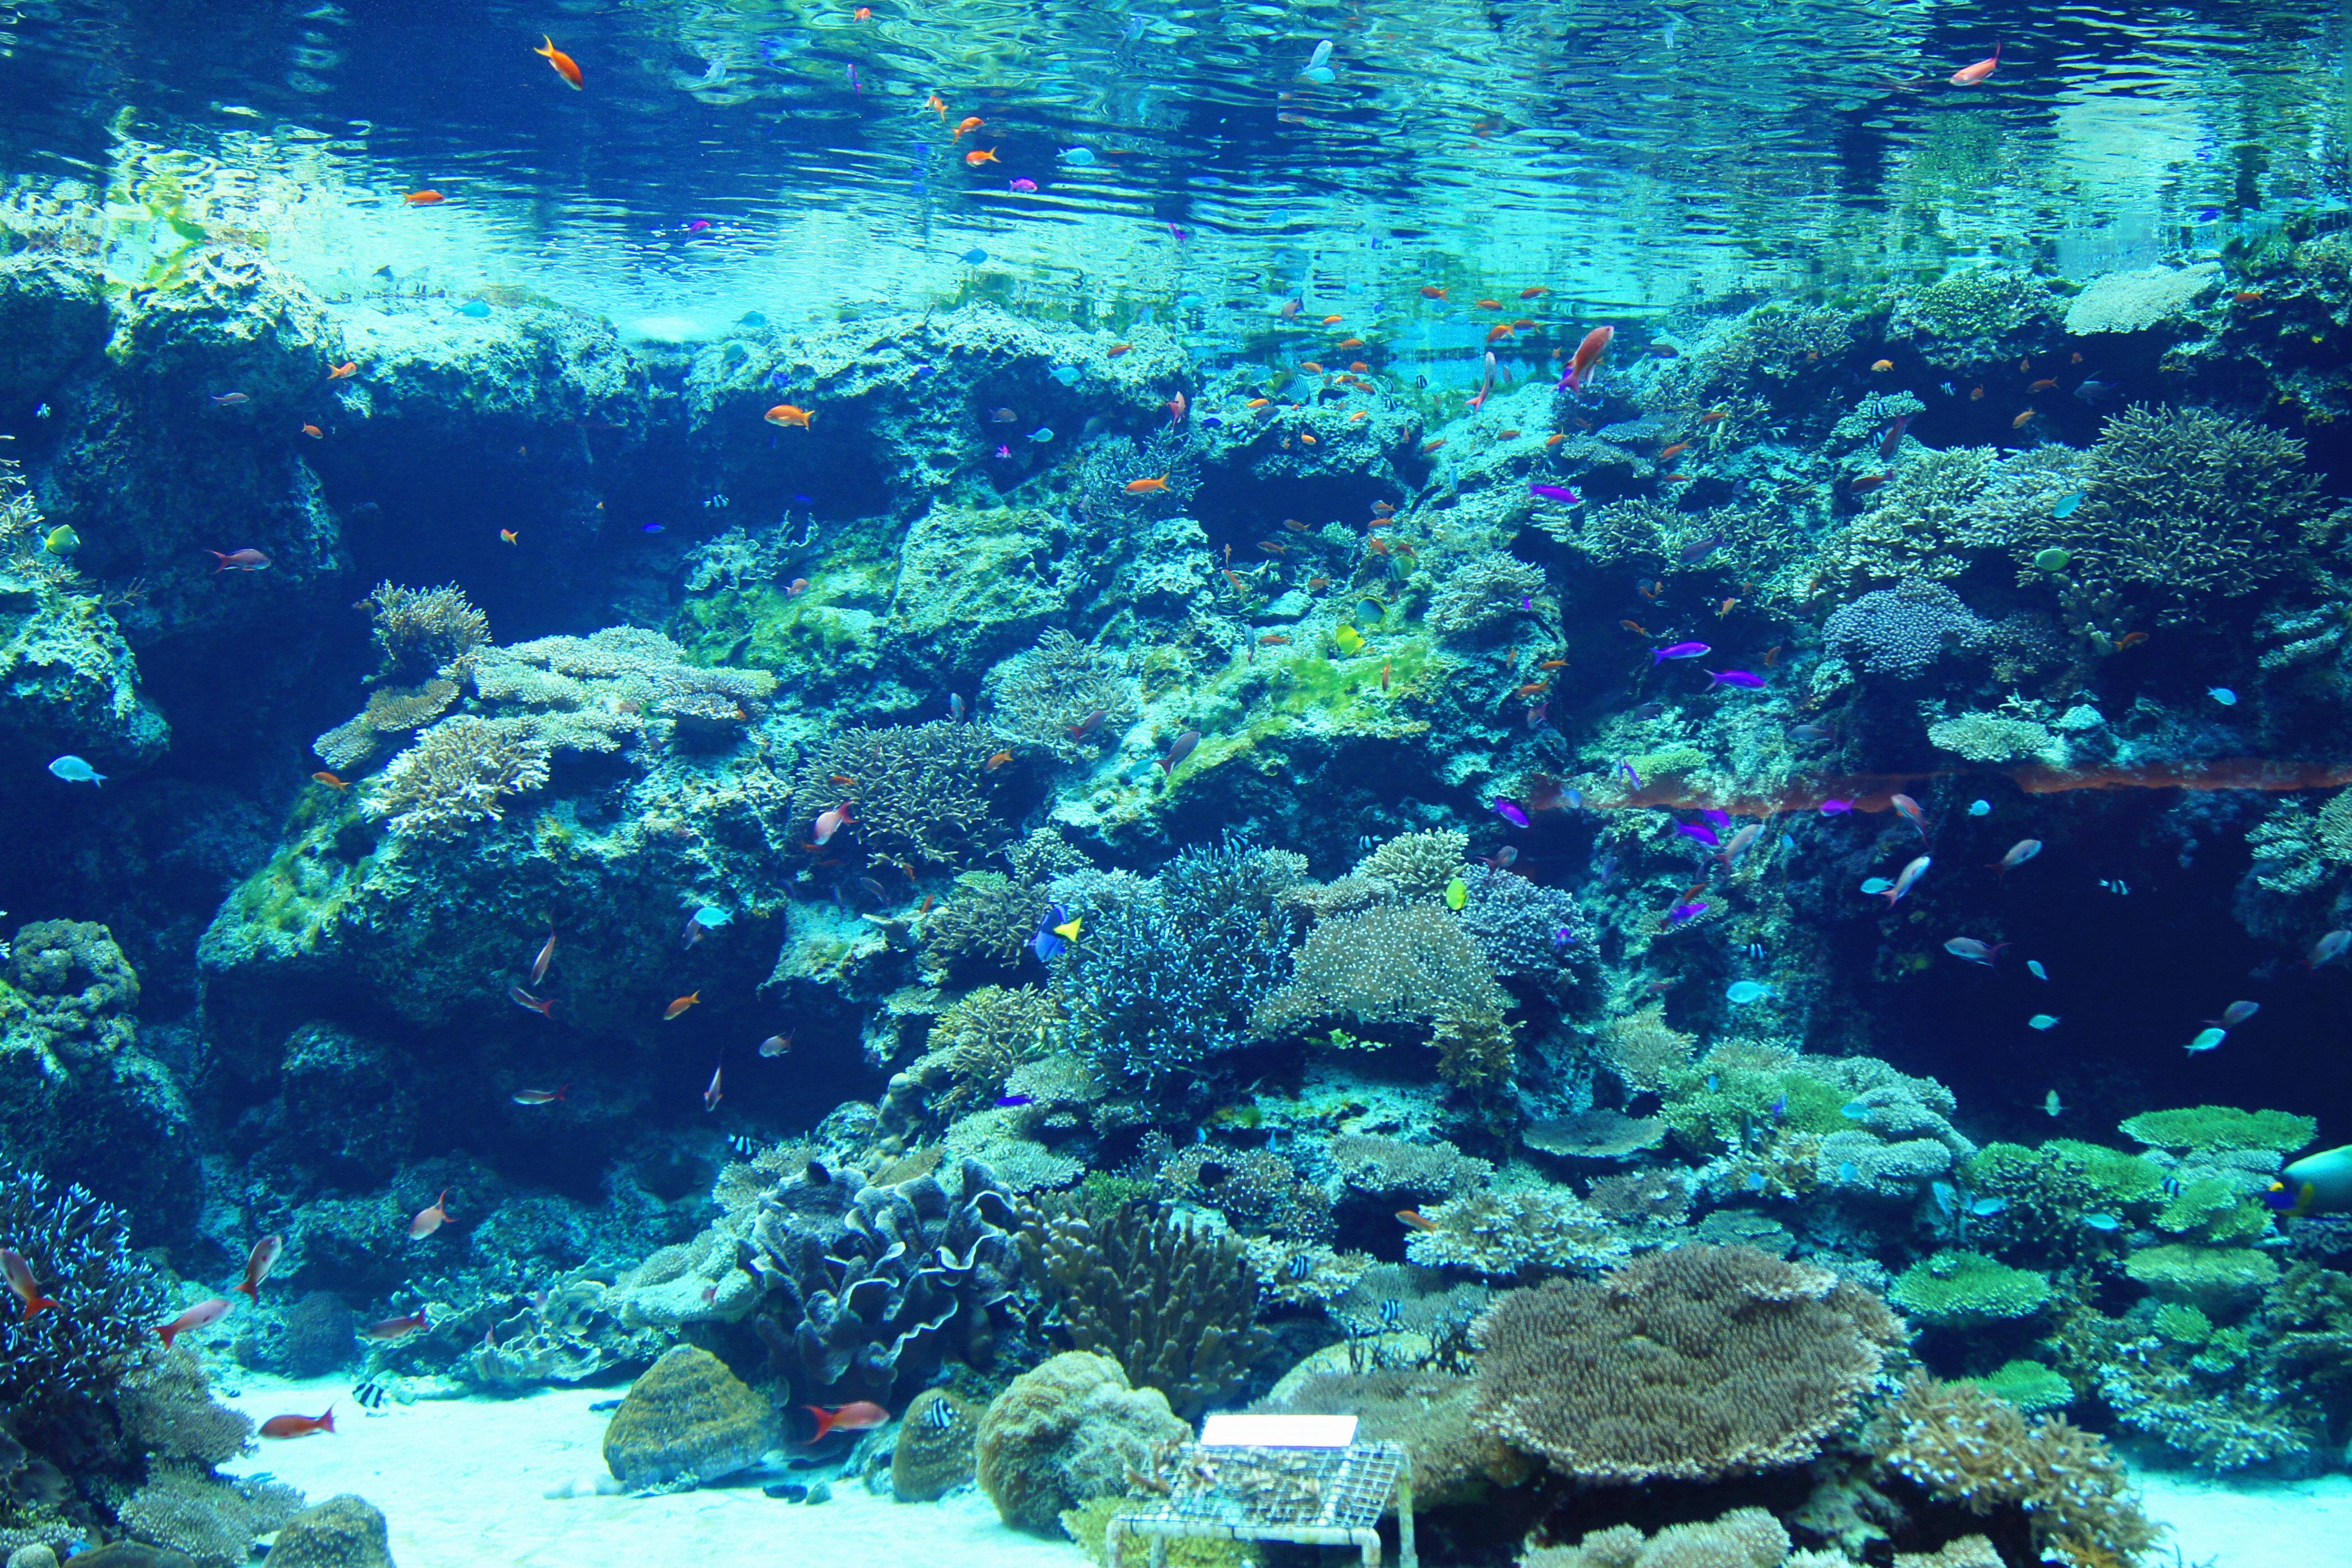 按照海洋生物的所属生活圈的深度,从浅海展馆逐渐走入深海展馆,感受不